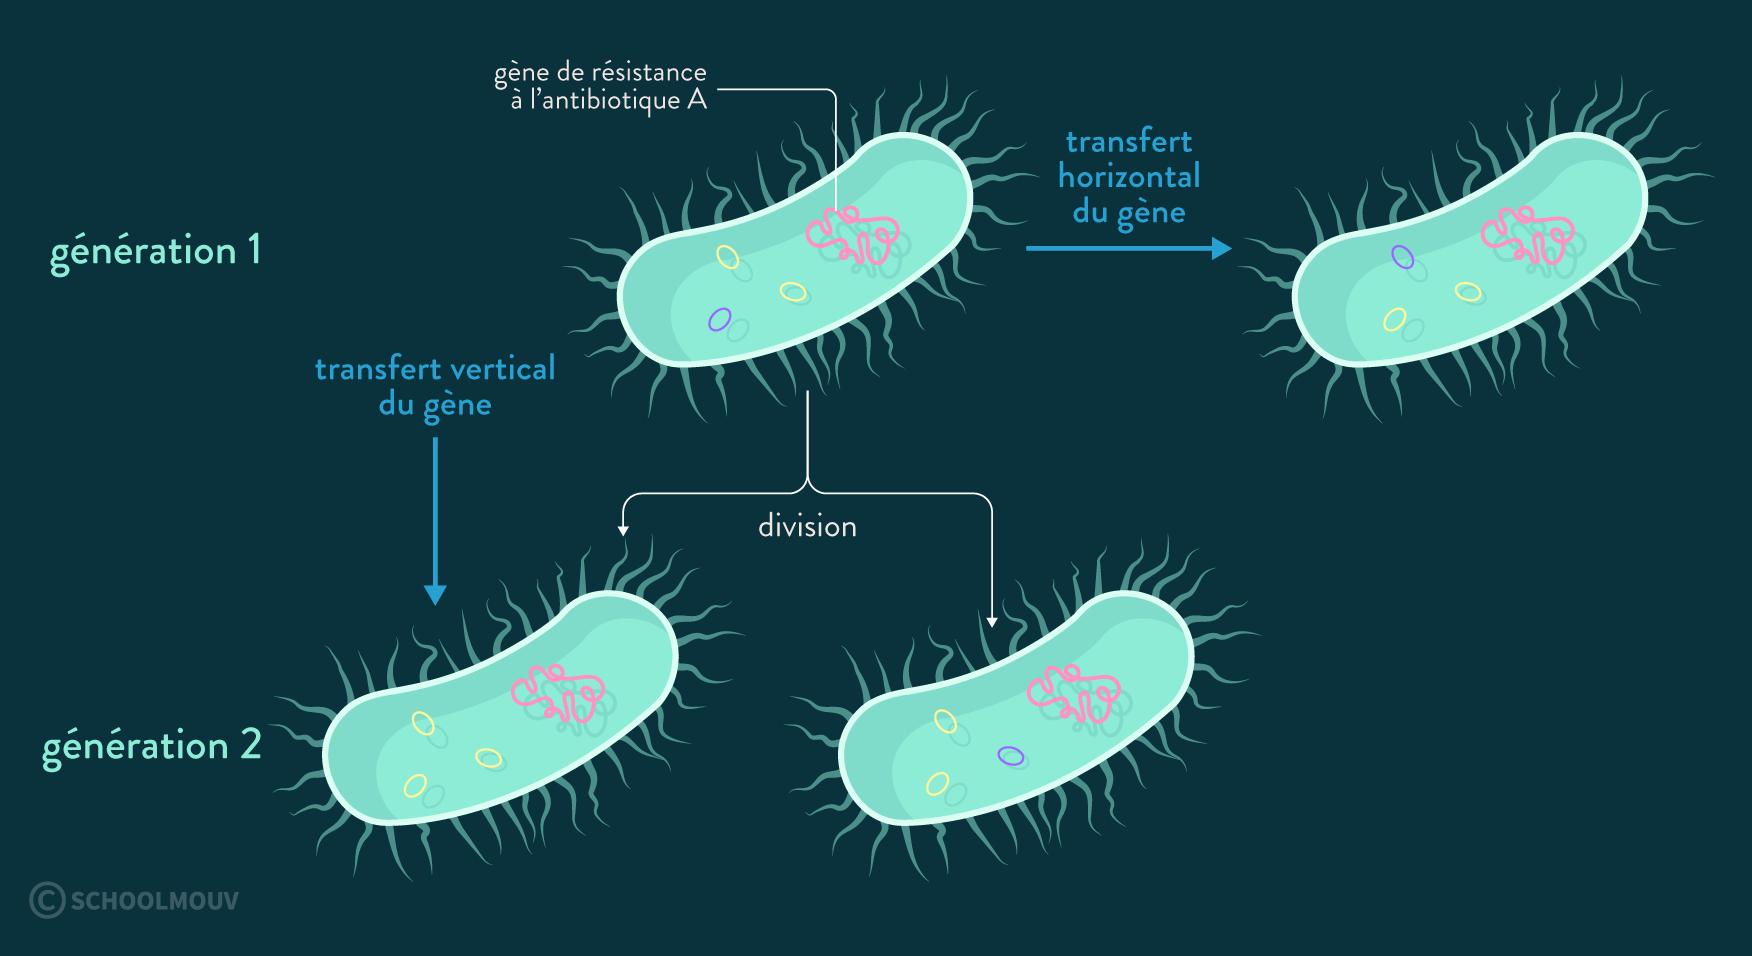 transfert horizontal entre bactéries de souches différentes et transfert vertical